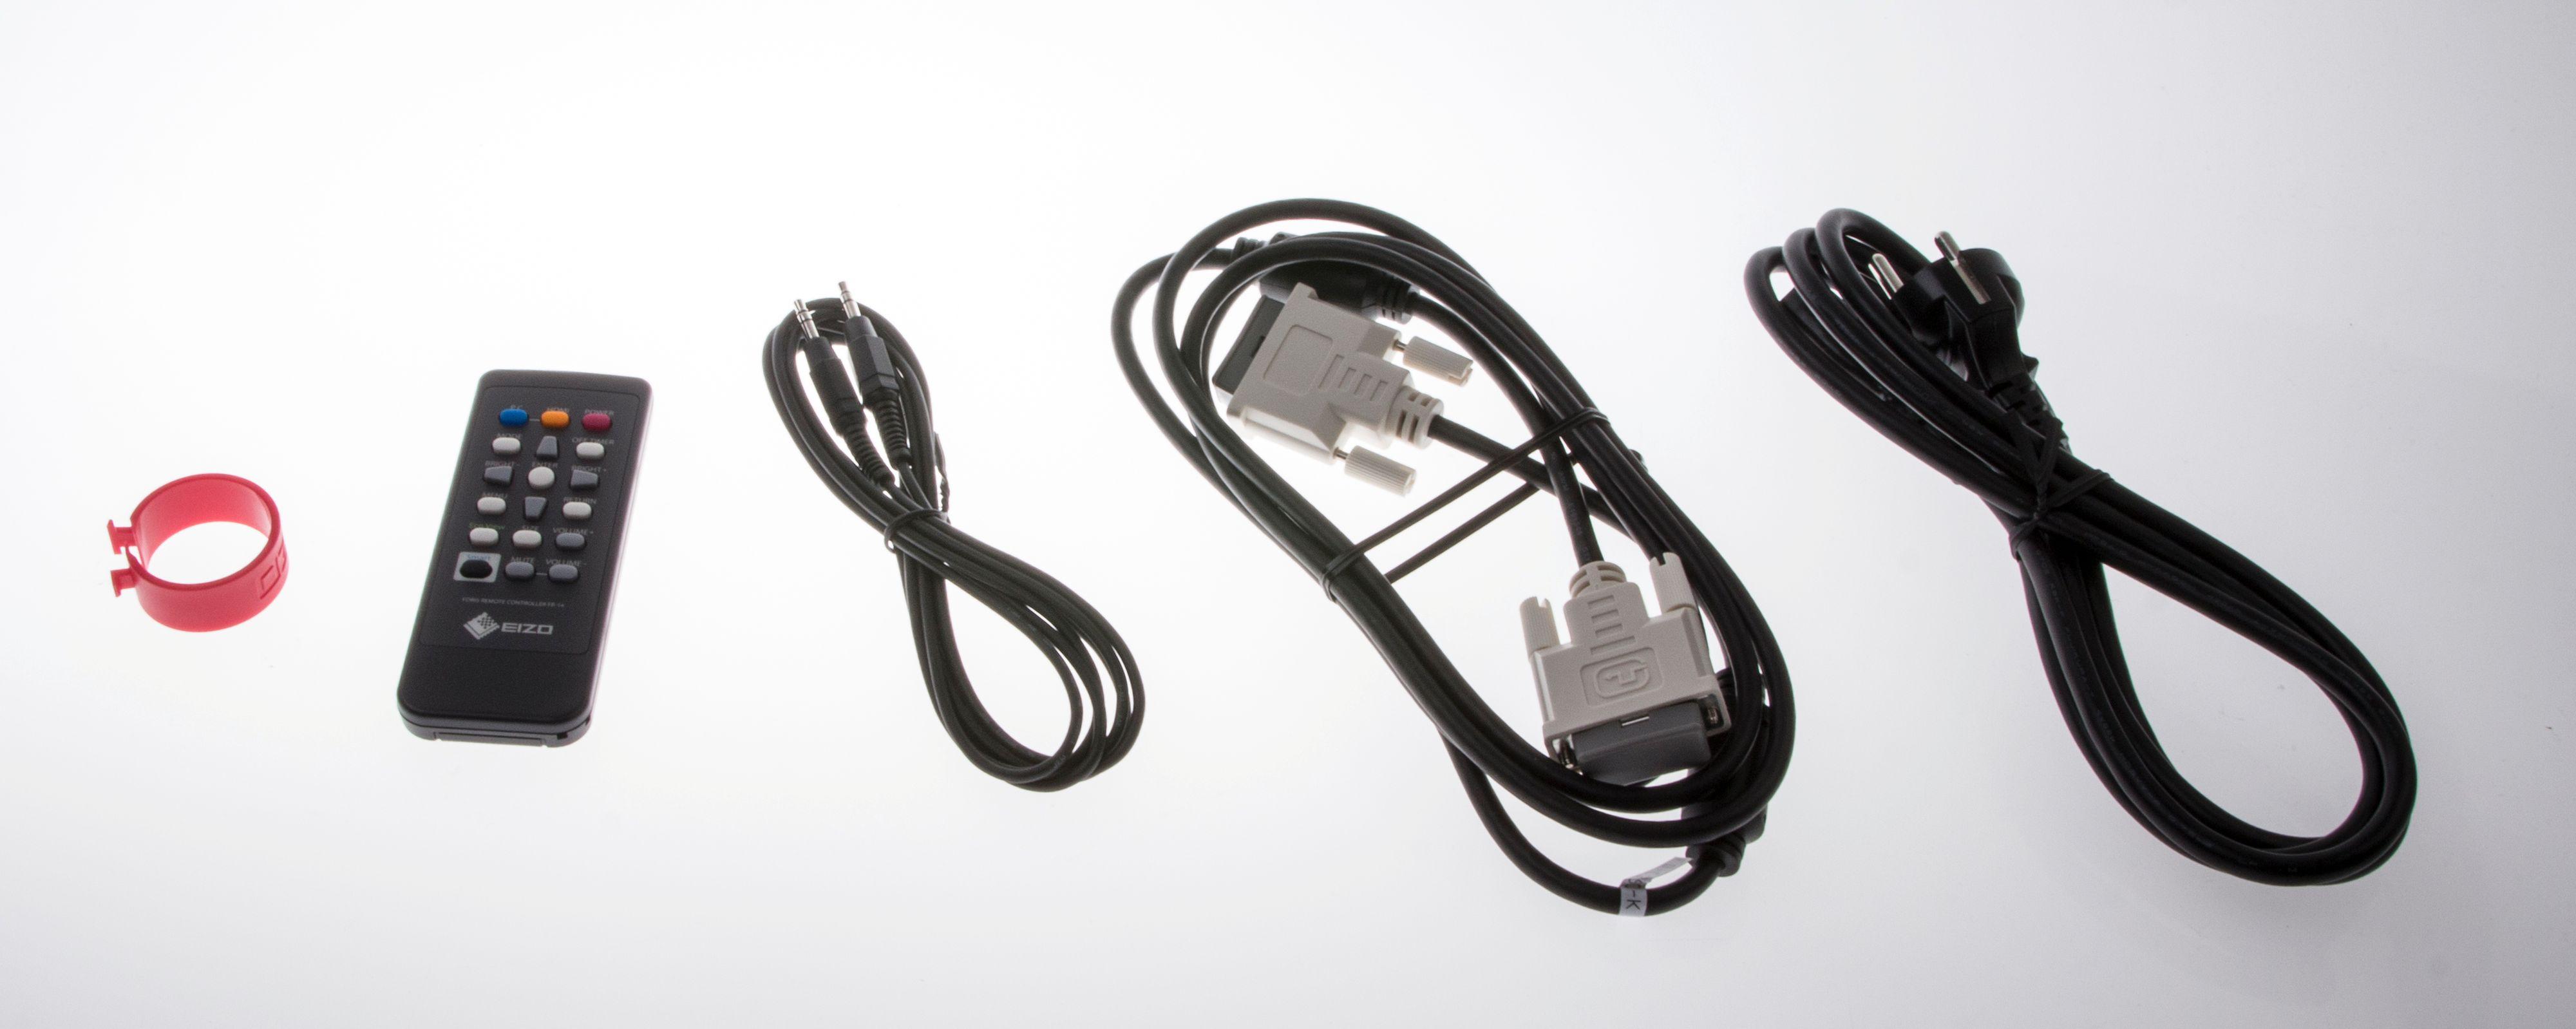 Ingen HDMI-kabel, men DVI-kabel fulgte i hvert fall med. Lengst til venstre er det en liten kabelholder du kan feste på baksiden av skjermfoten.Foto: Niklas Plikk, Hardware.no